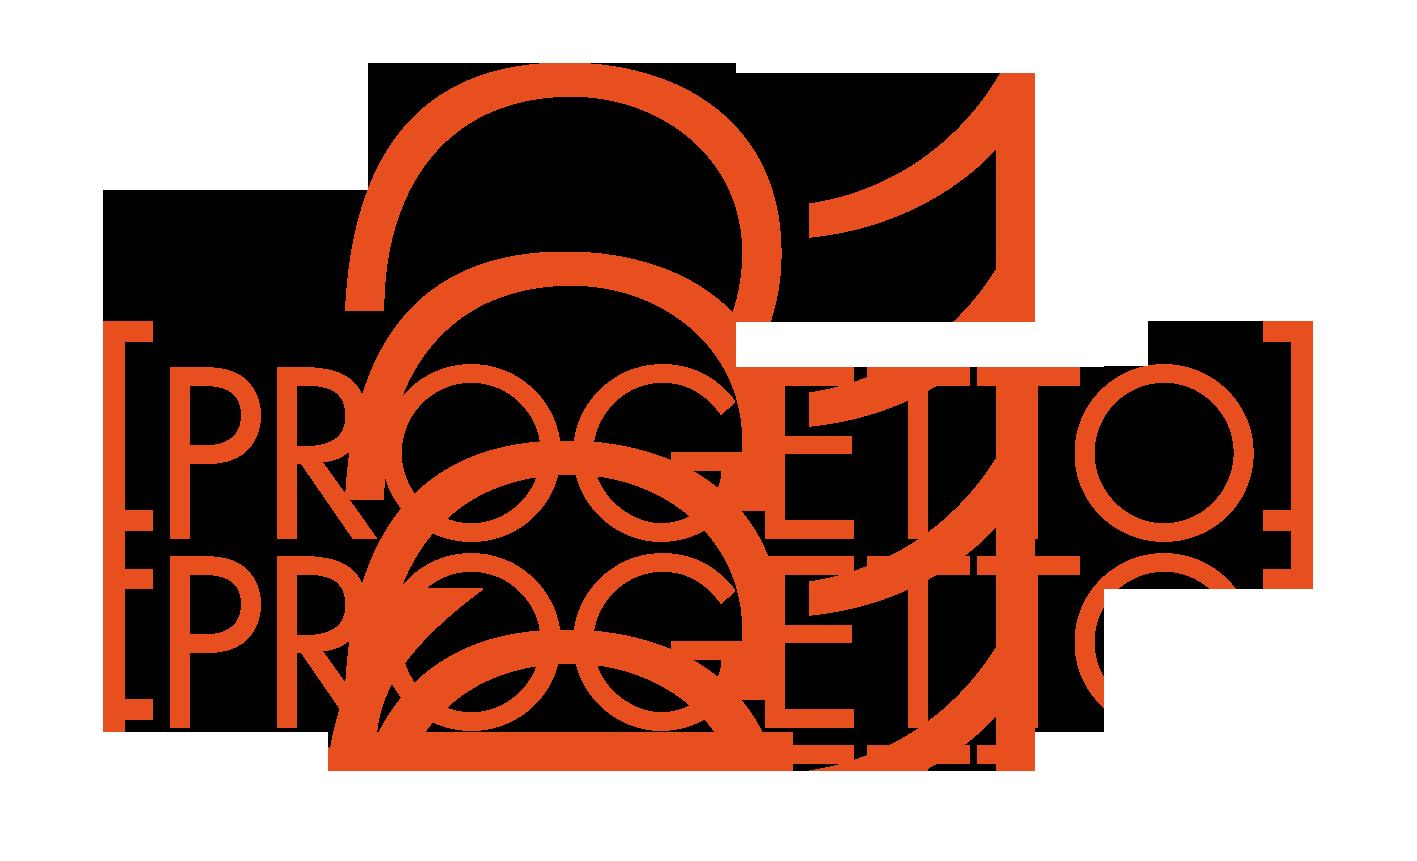 logoProgetto21 pride park